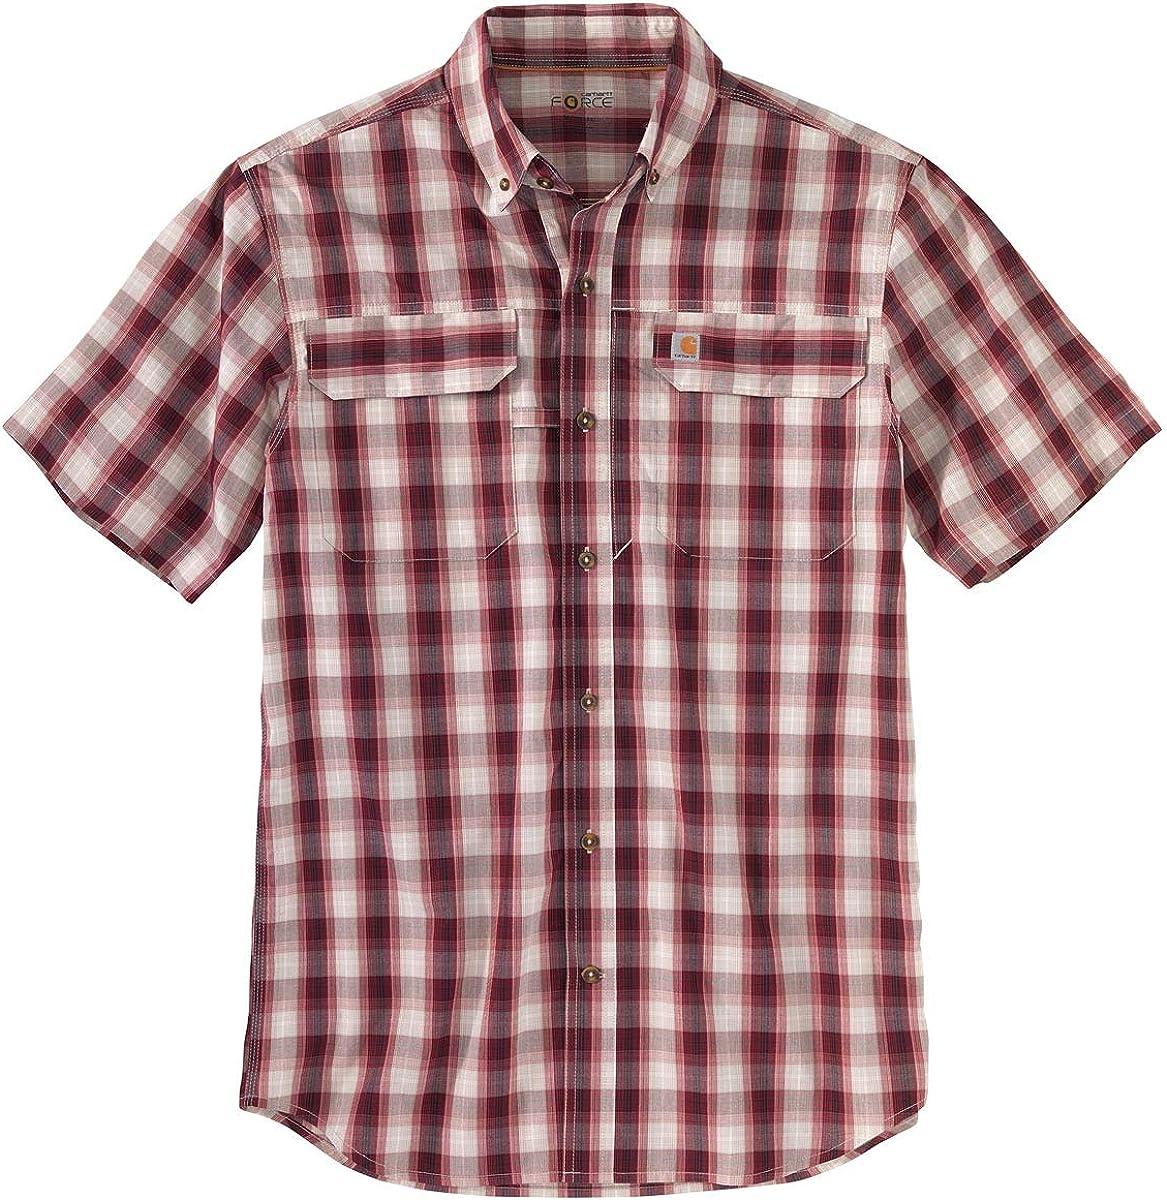 Carhartt Mens Rugged Flex Rigby Short Sleeve Work Shirt